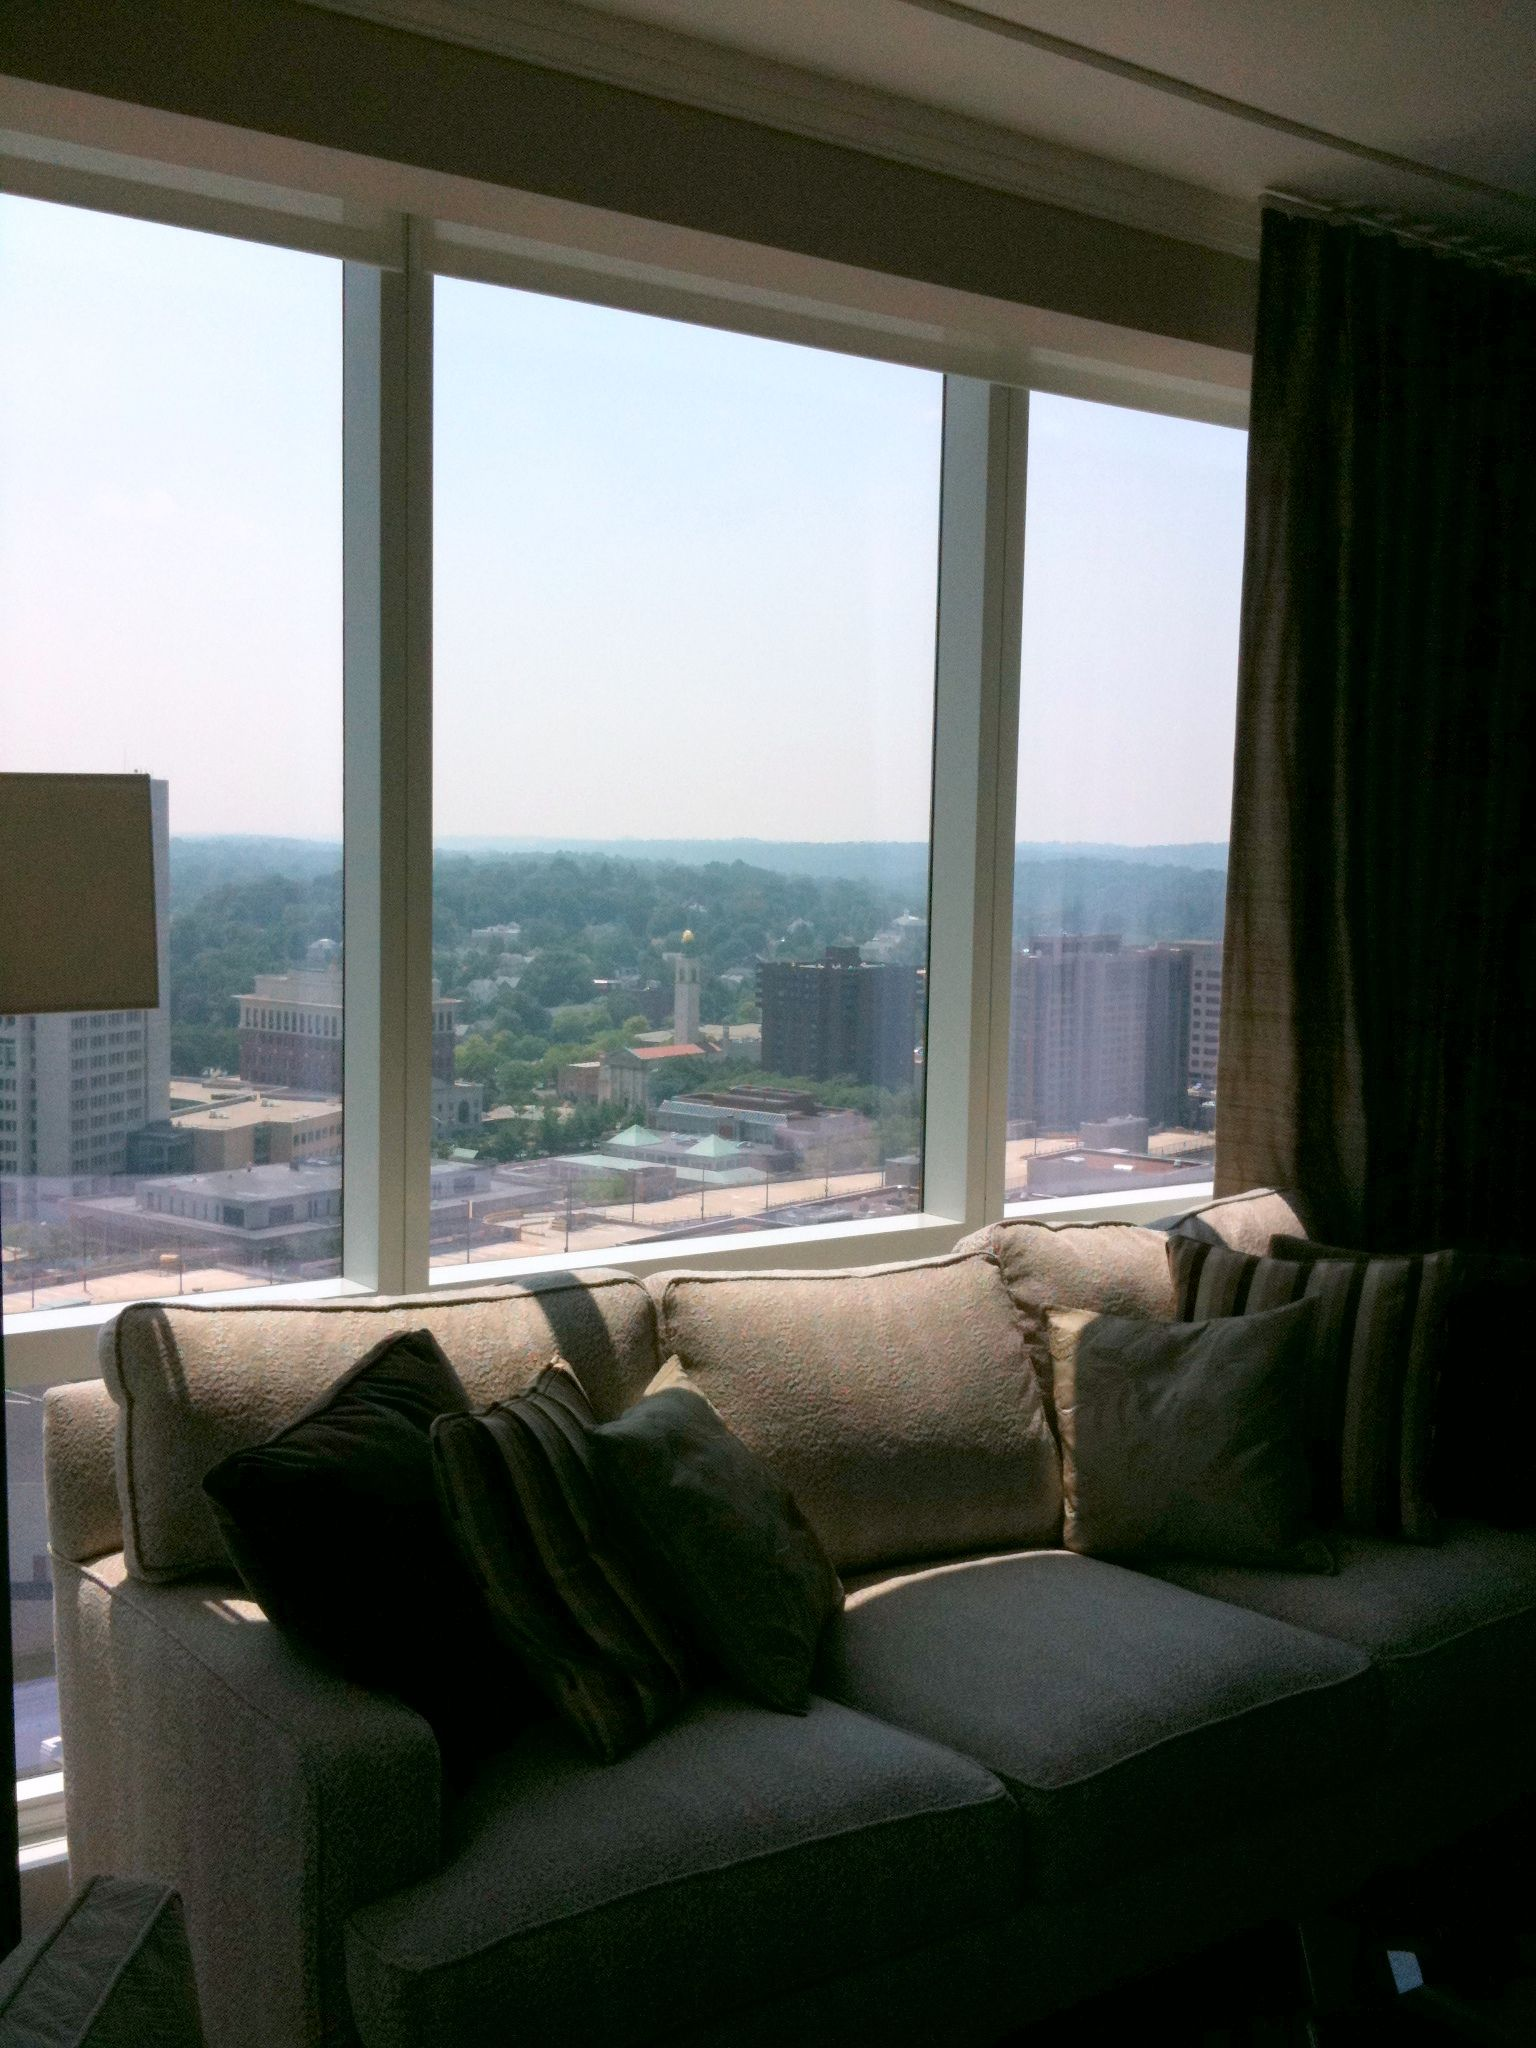 View from living area family condo at ny ritz carlton for decor